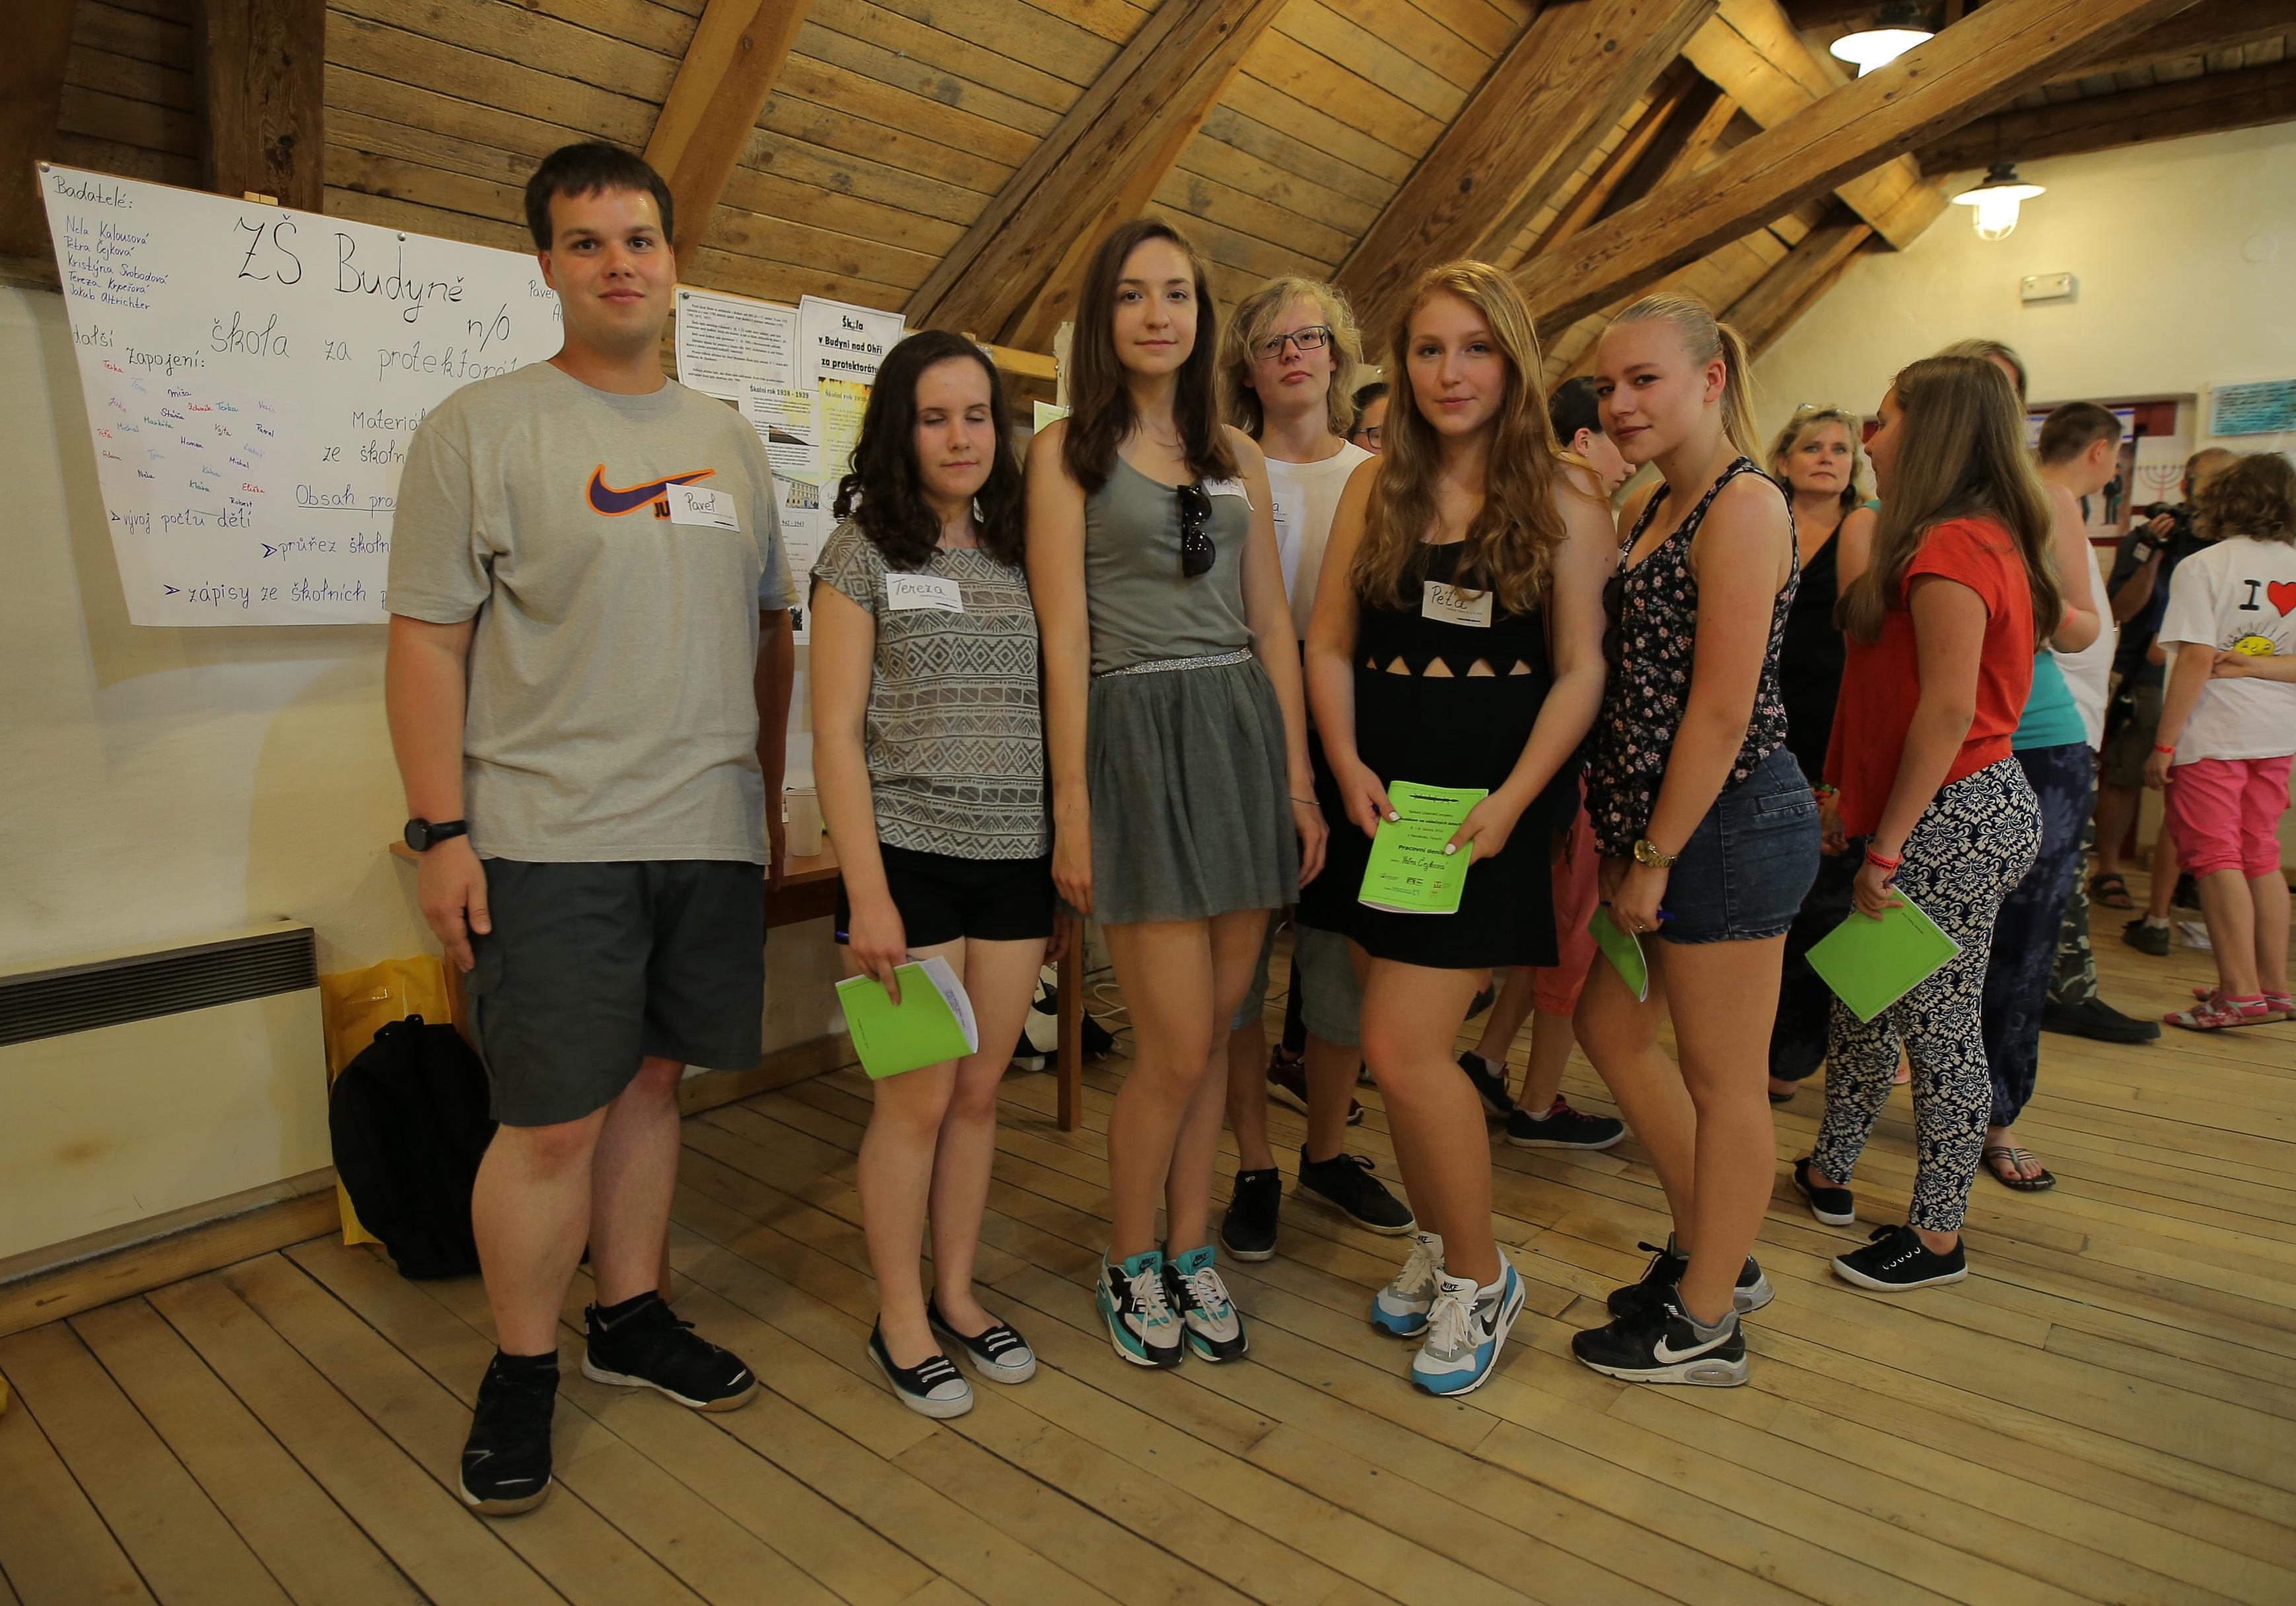 Náš tým ze ZŠ v Budyni nad Ohří na setkání do projektu zapojených školních týmů v Památníku Terezín, červen 2016.